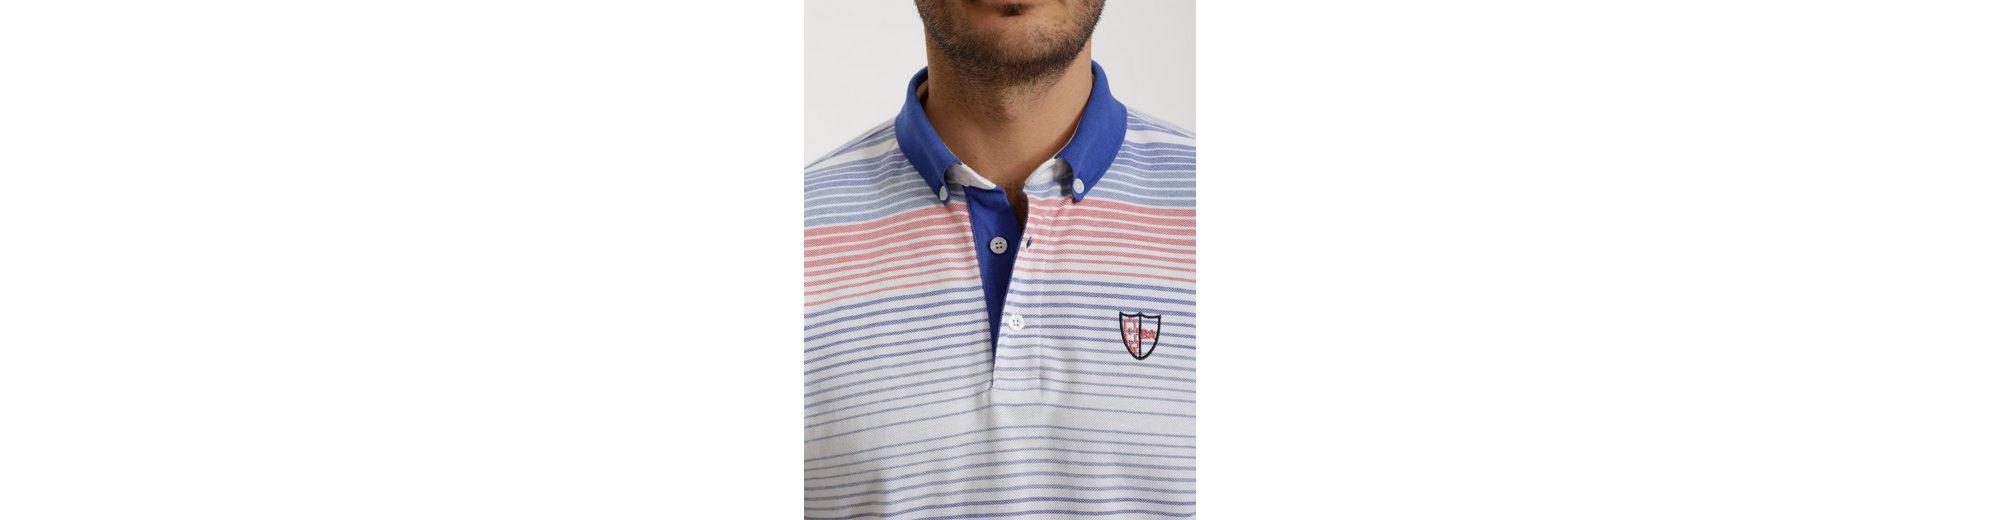 Babista Poloshirt mit Stickerei auf der Brust Freies Verschiffen Geniue Händler Original- VUpjBmAl